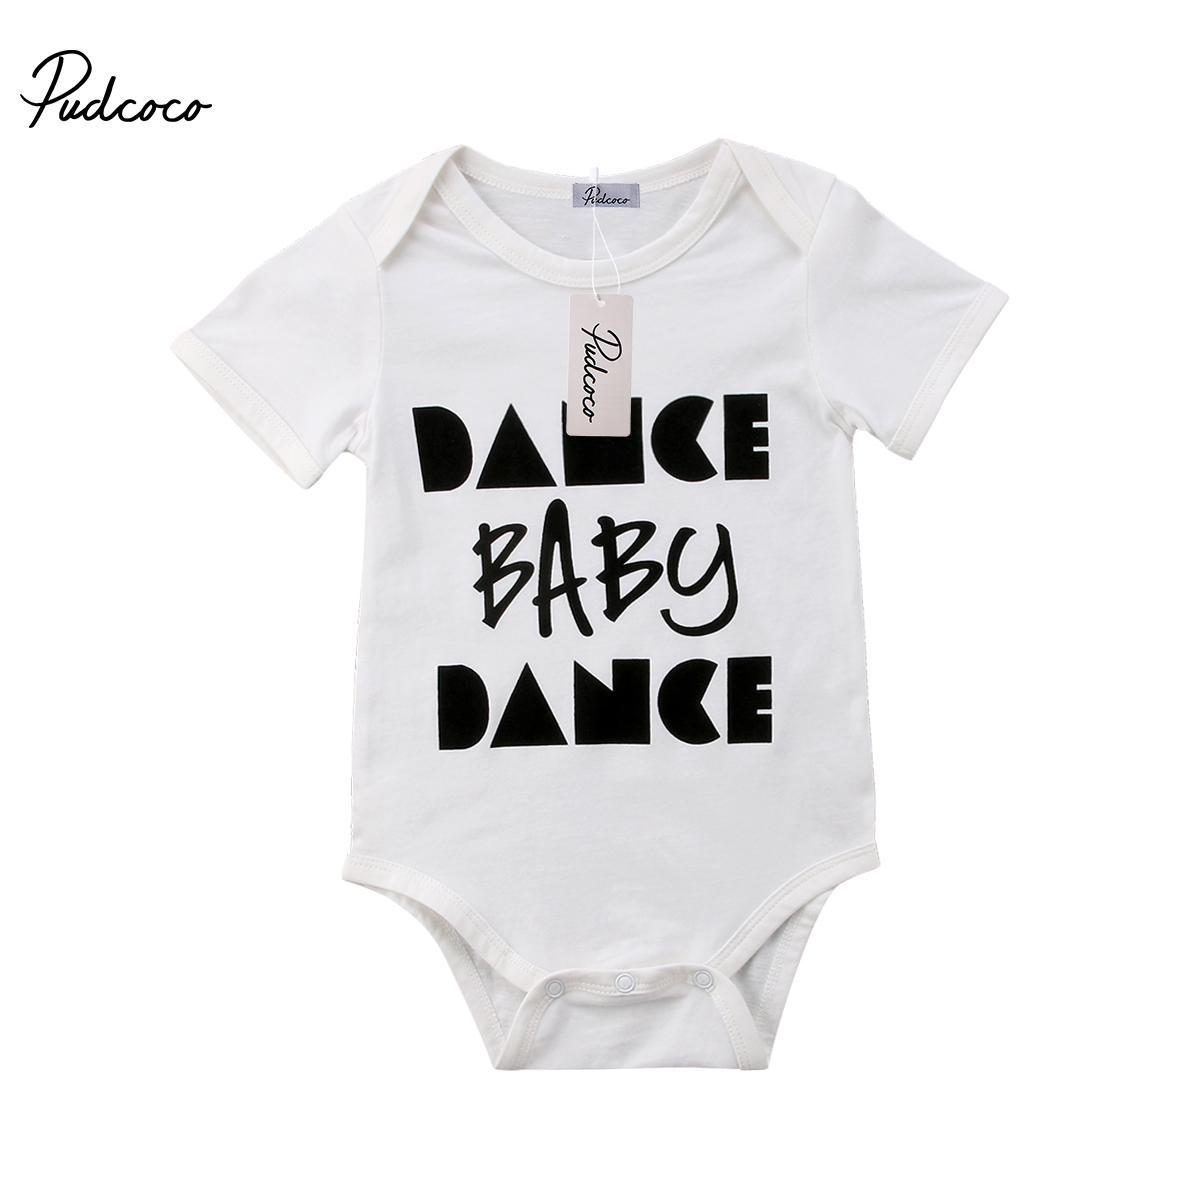 2018 Moda recién nacido del niño infantil del bebé de la danza de la letra muchachos de las niñas mono del mameluco Trajes Ropa 0-24 M